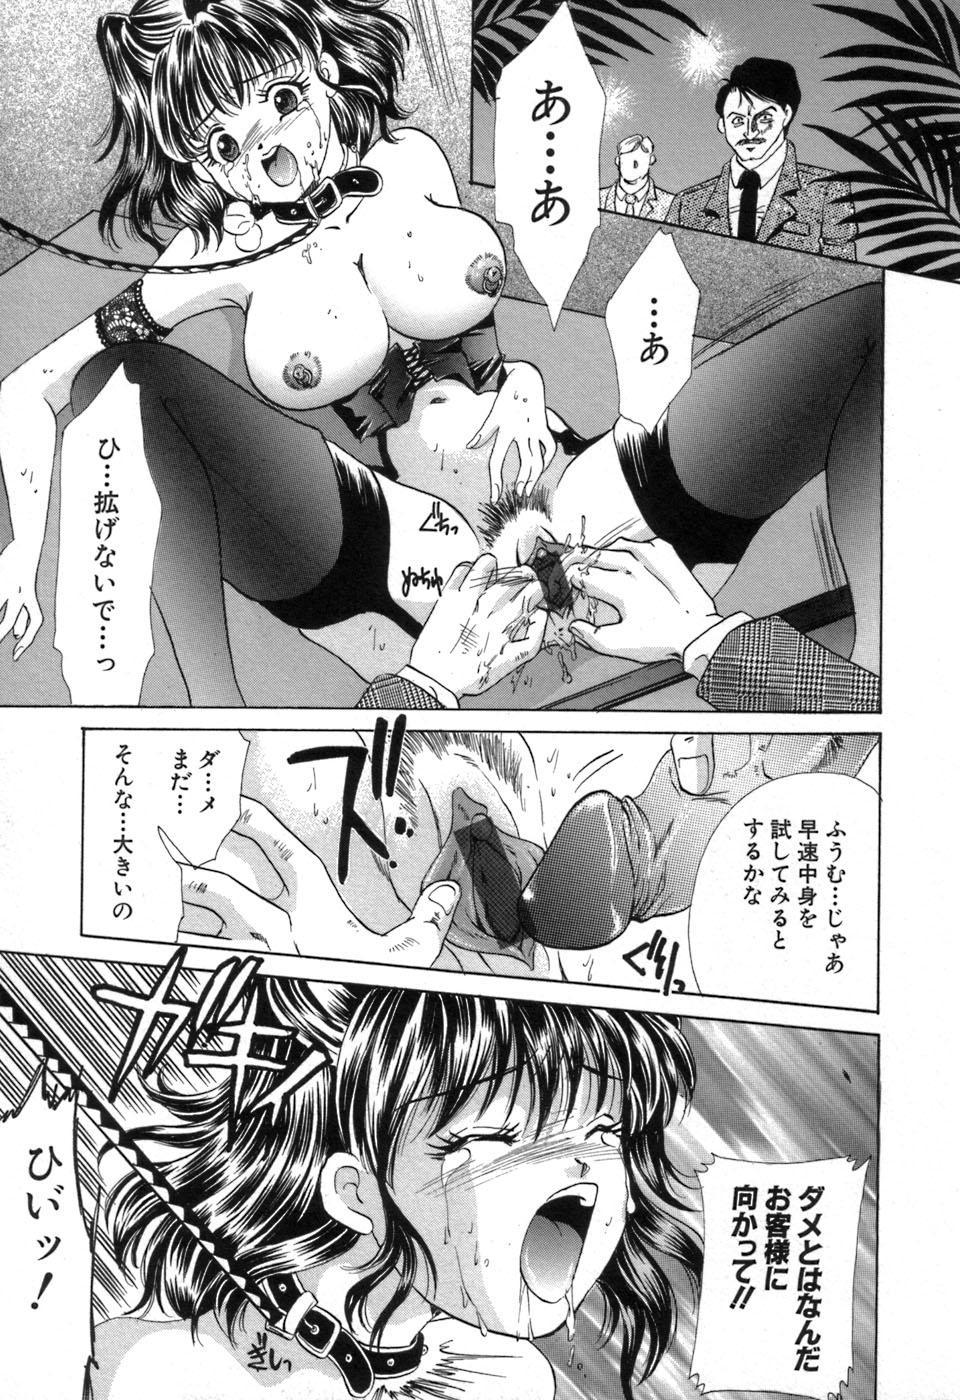 Ryoujoku Tenshi 127